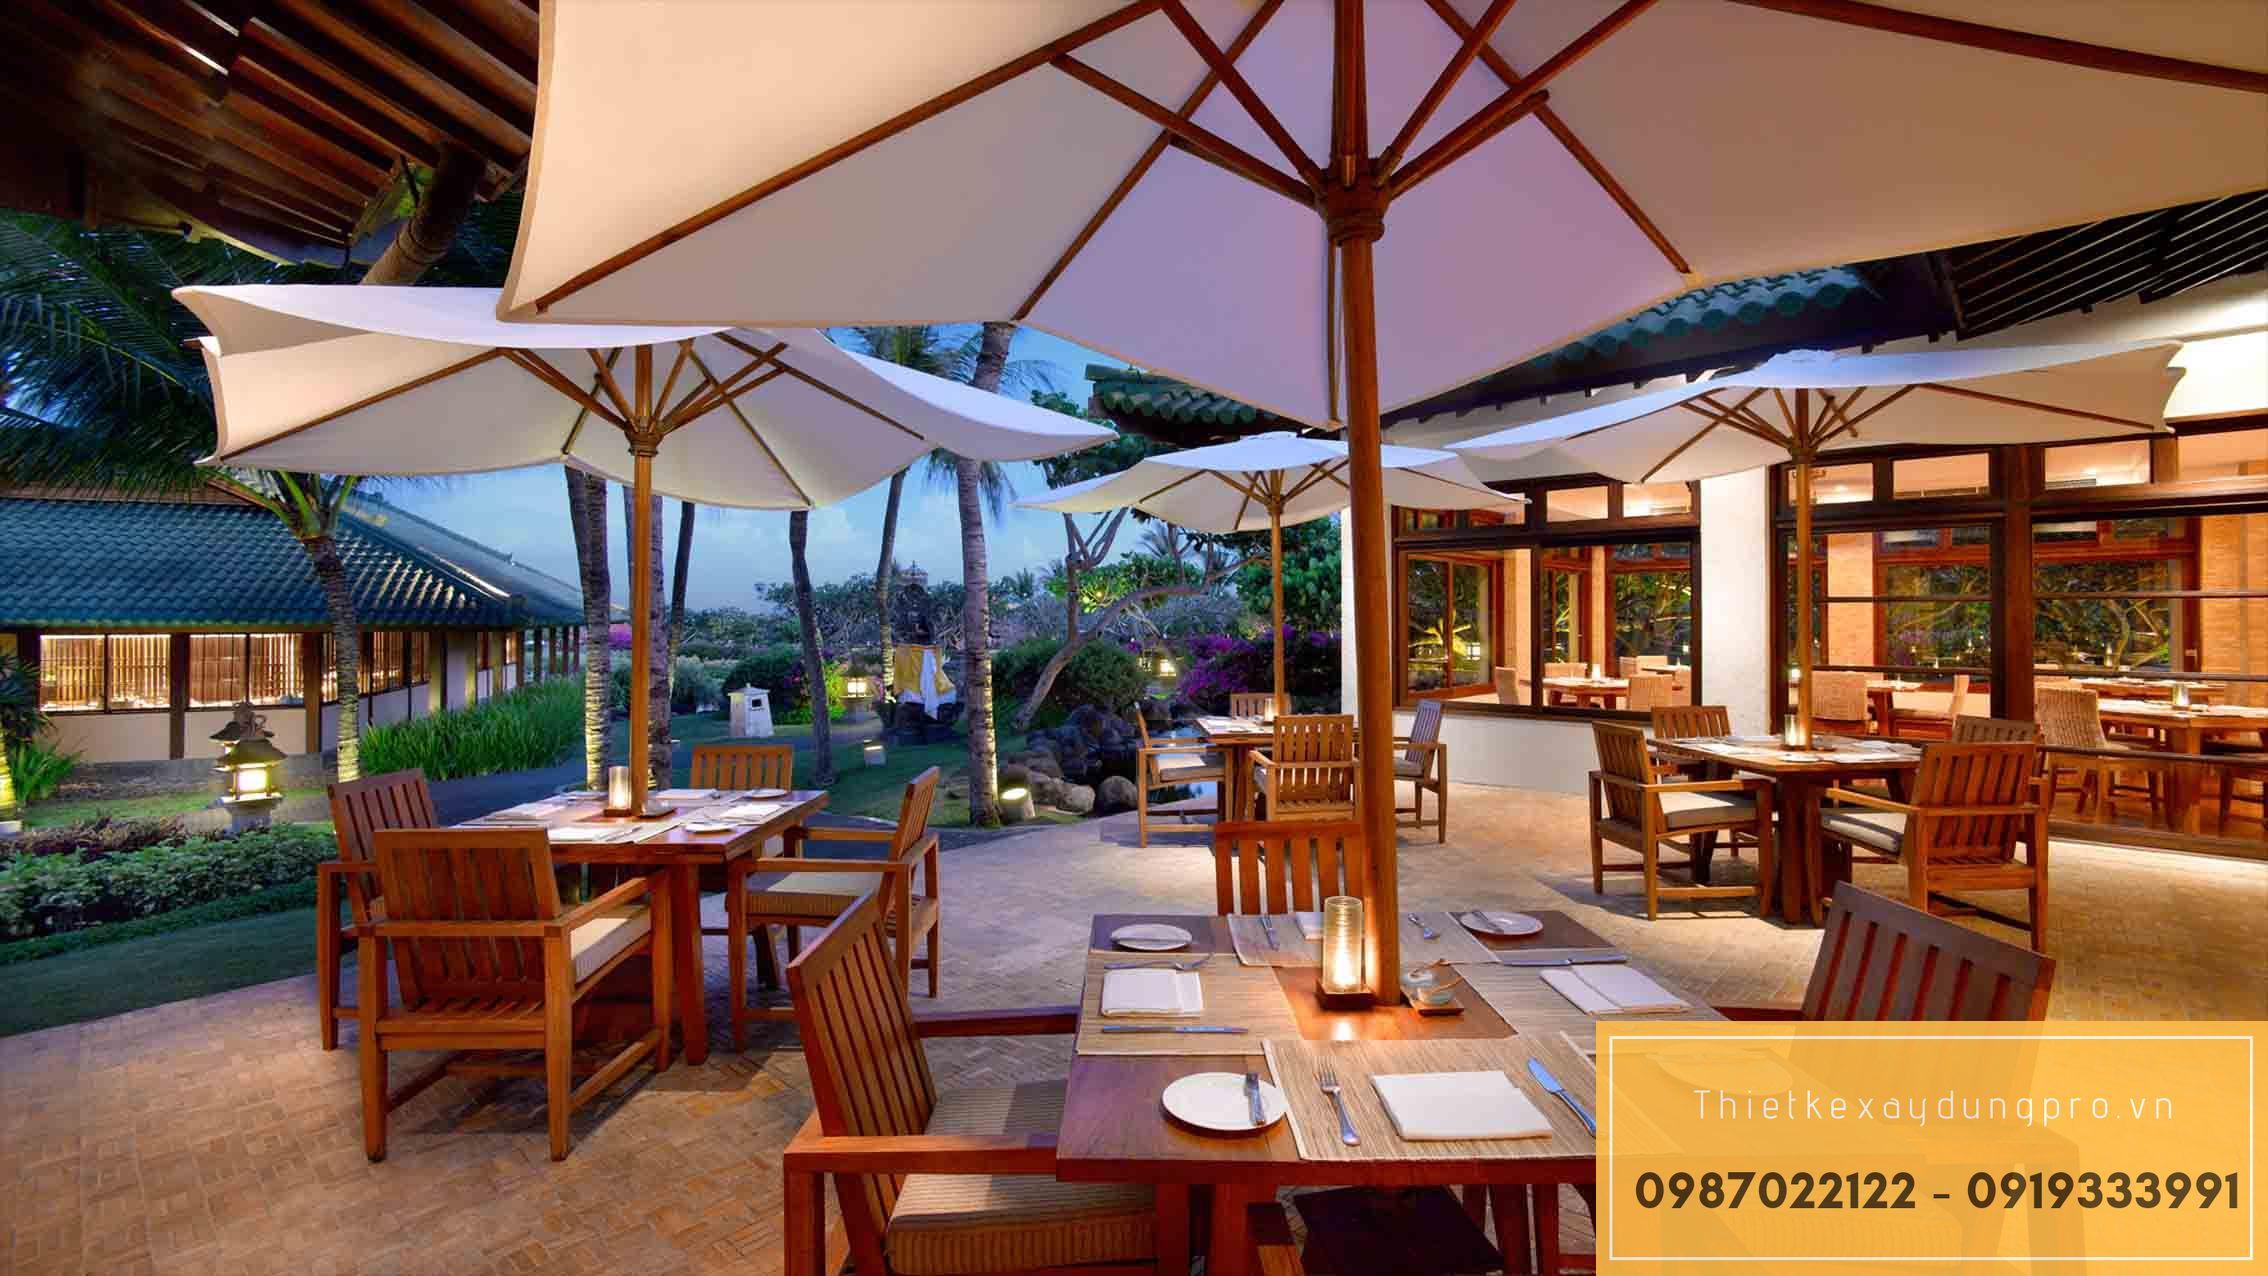 Thiết kế nhà hàng tại Hưng Yên